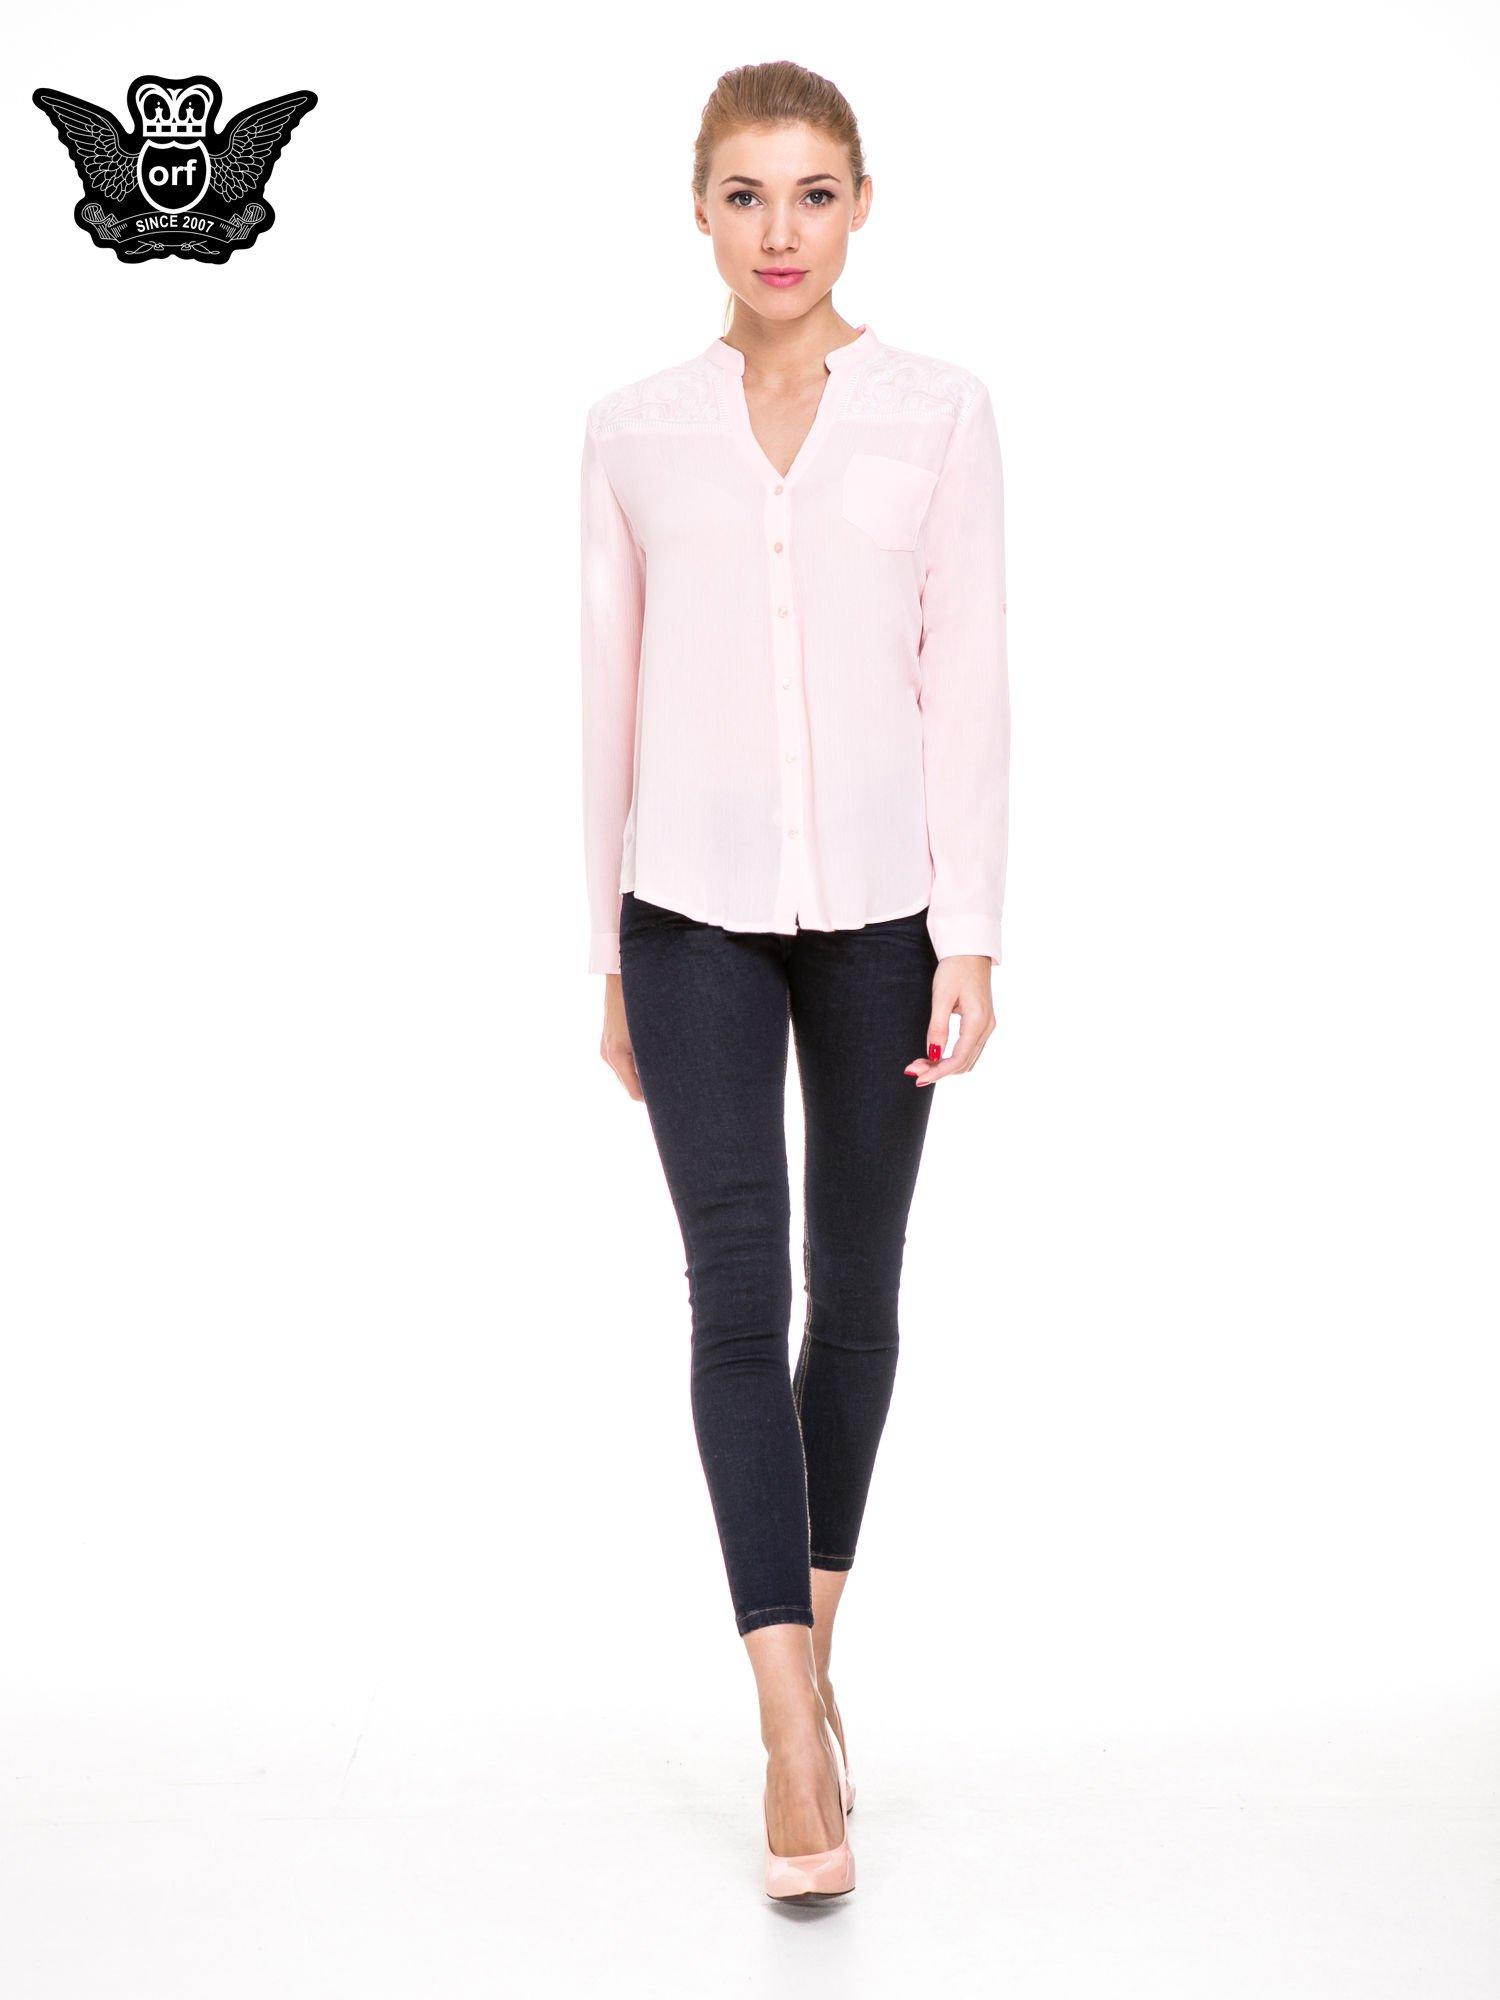 Różowa koszula damska z haftem na ramionach                                  zdj.                                  2